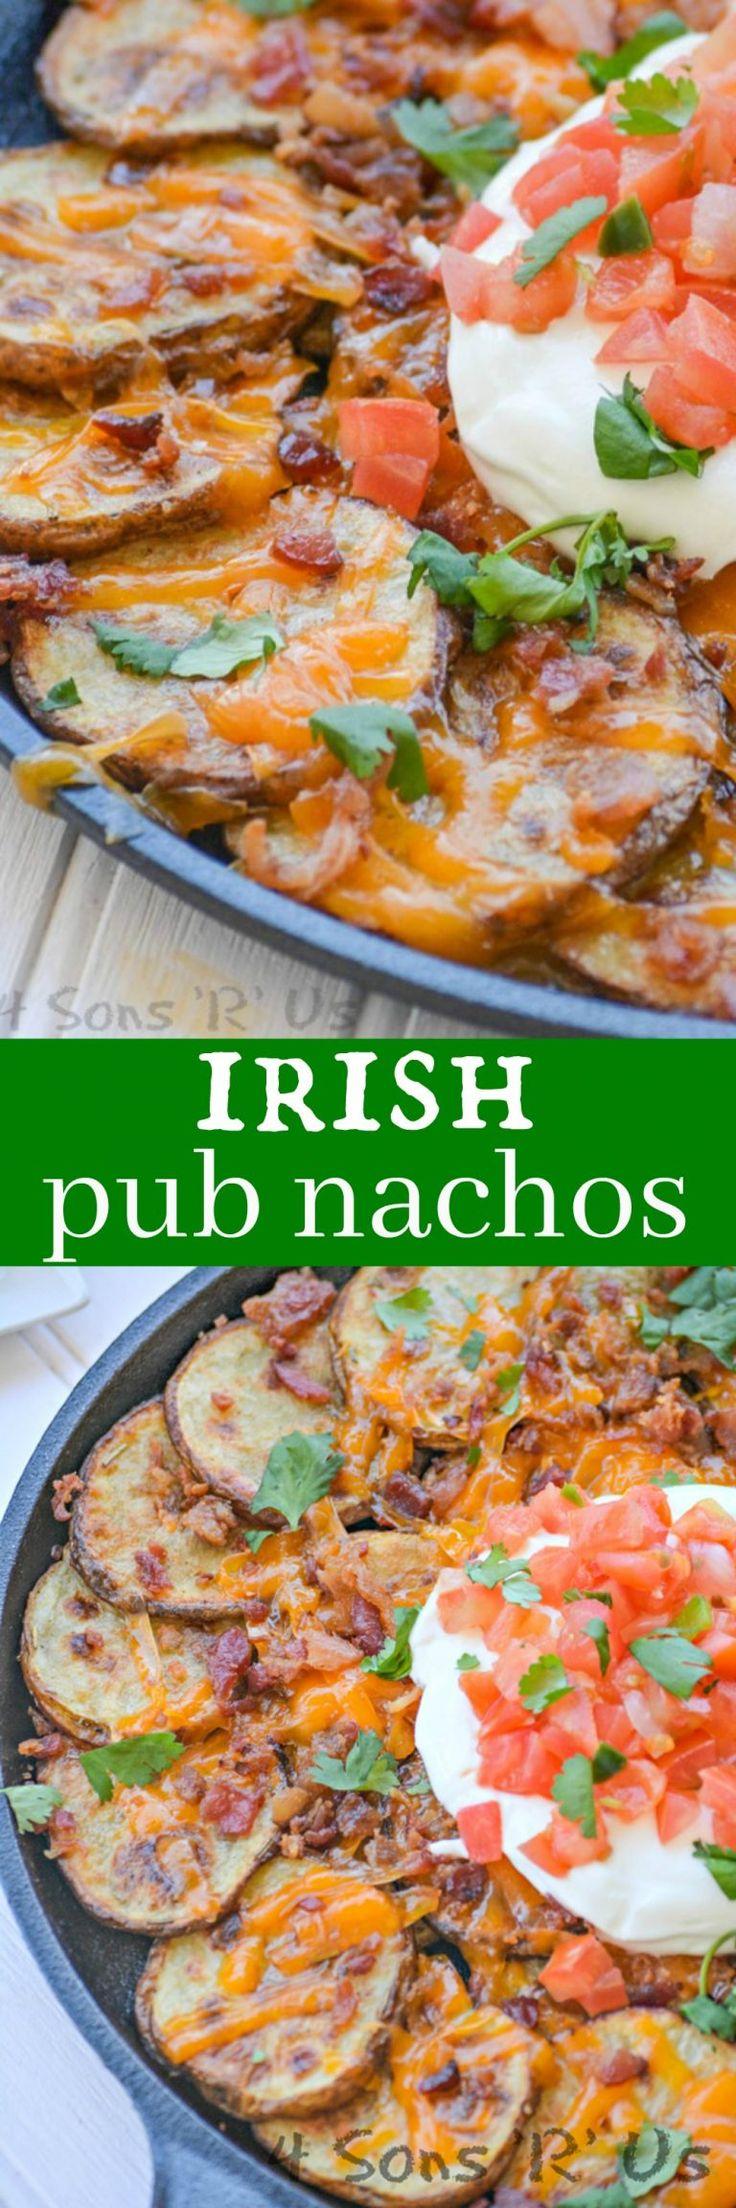 Irish Pub Nachos - 4 Sons 'R' Us